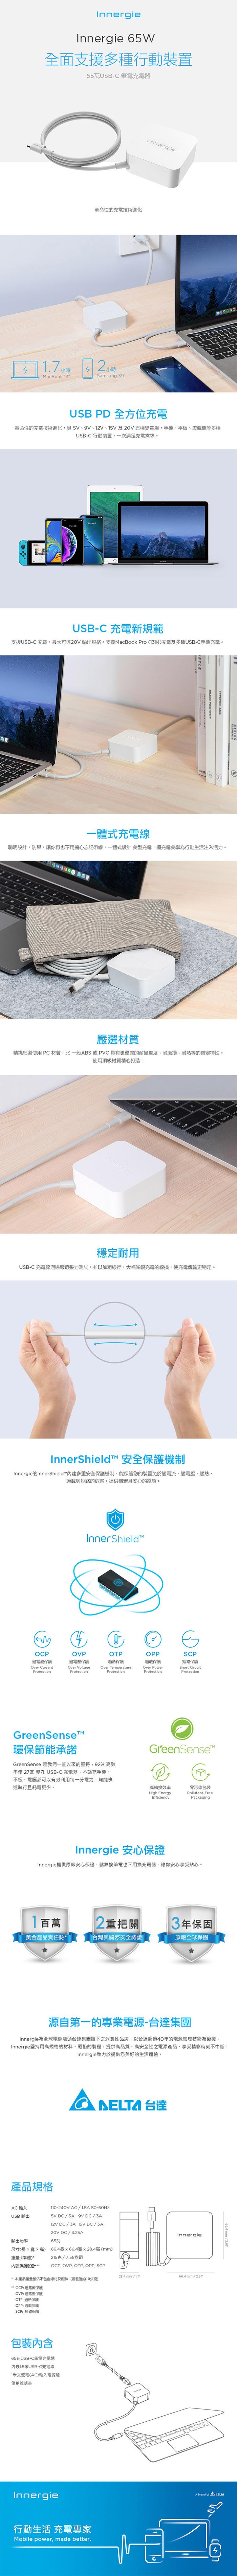 Innergie|65W 65瓦 USB-C 筆電充電器